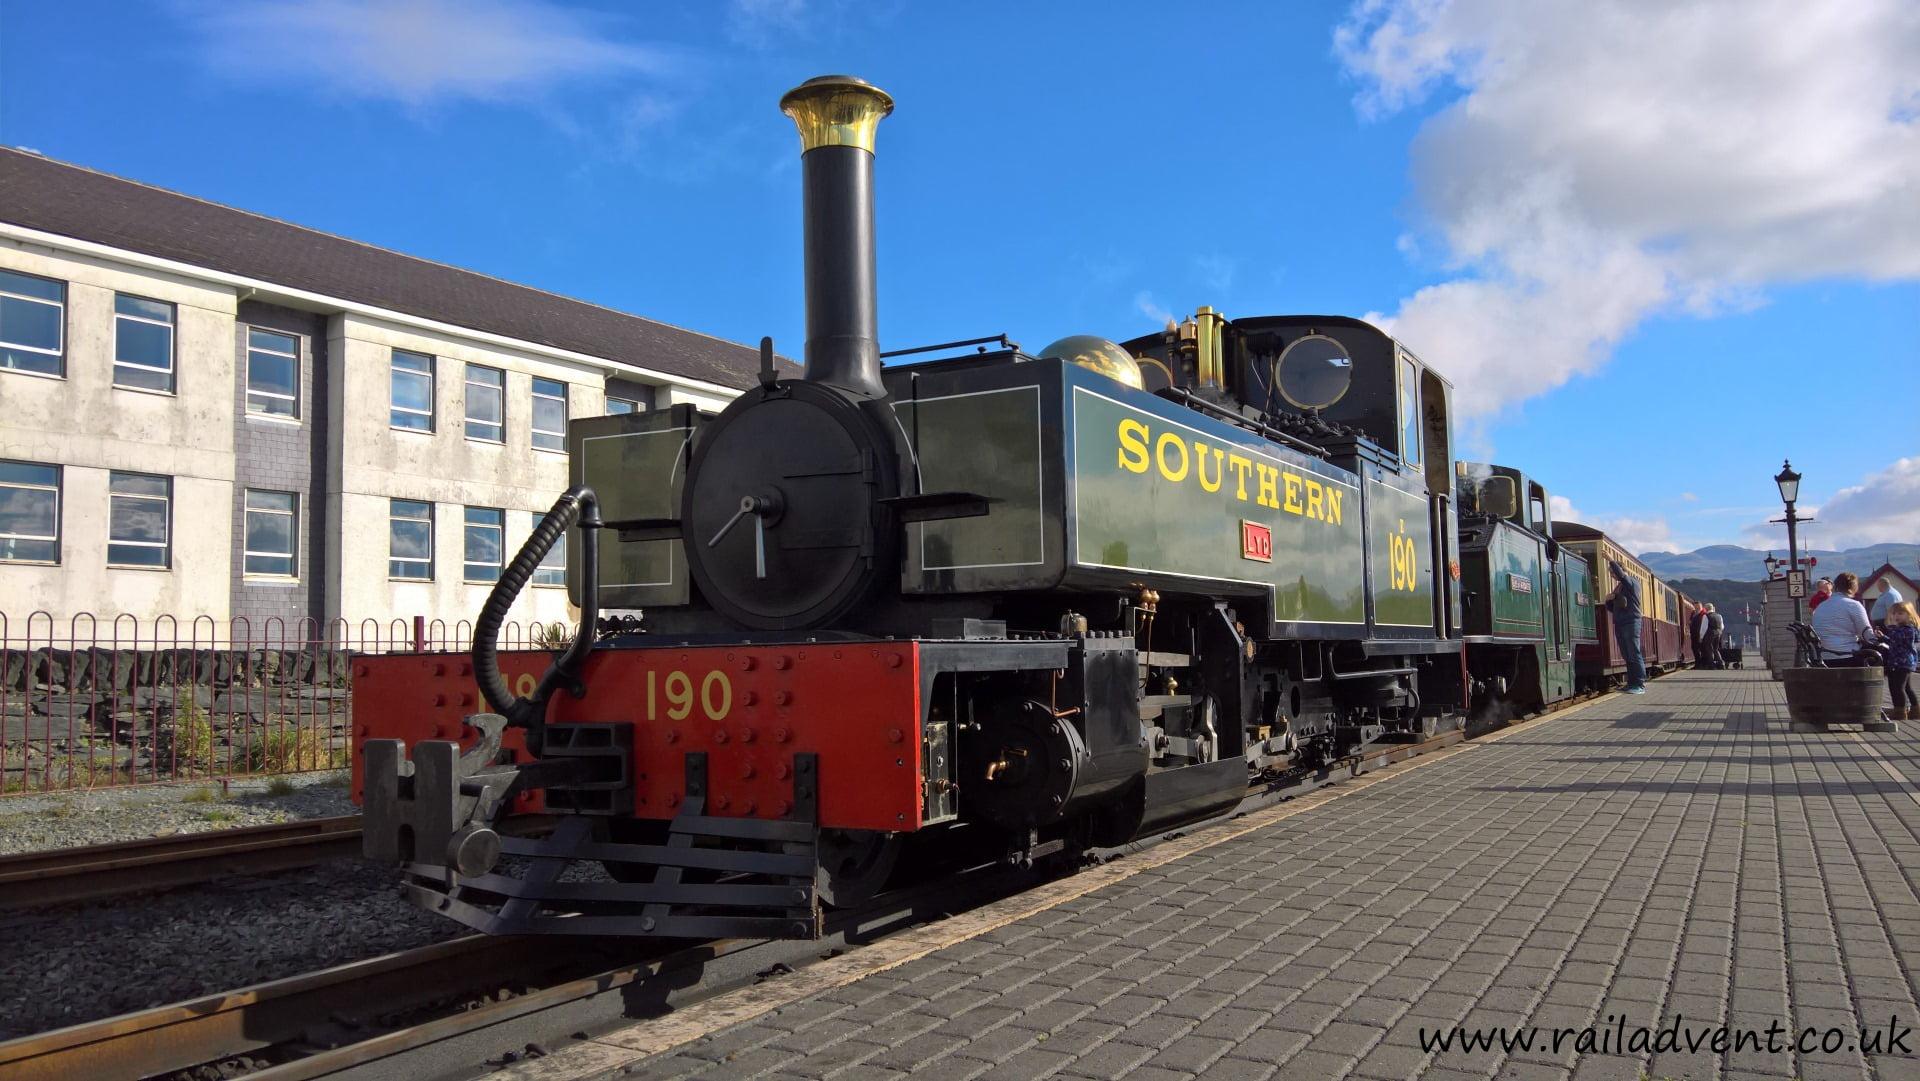 Lyd and Earl of Merioneth at Porthmadog on the Ffestiniog Railway